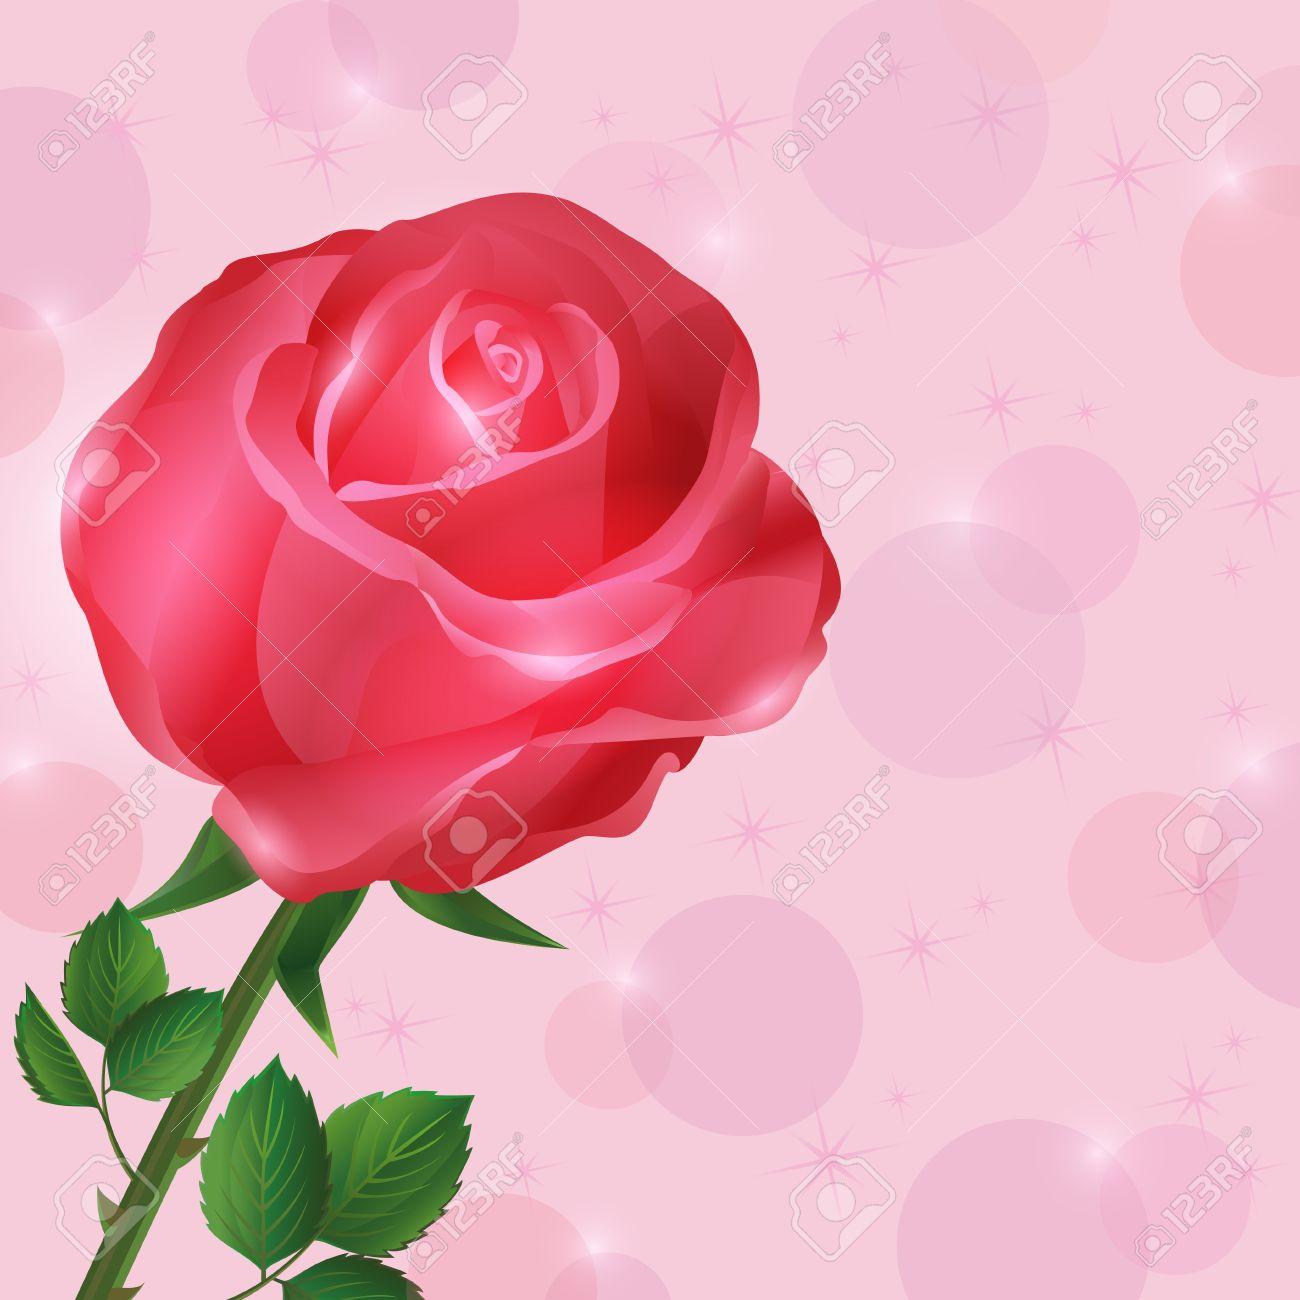 Beau Fond D Ecran Avec Des Fleurs Rose Rouge Romantique Fond Rose